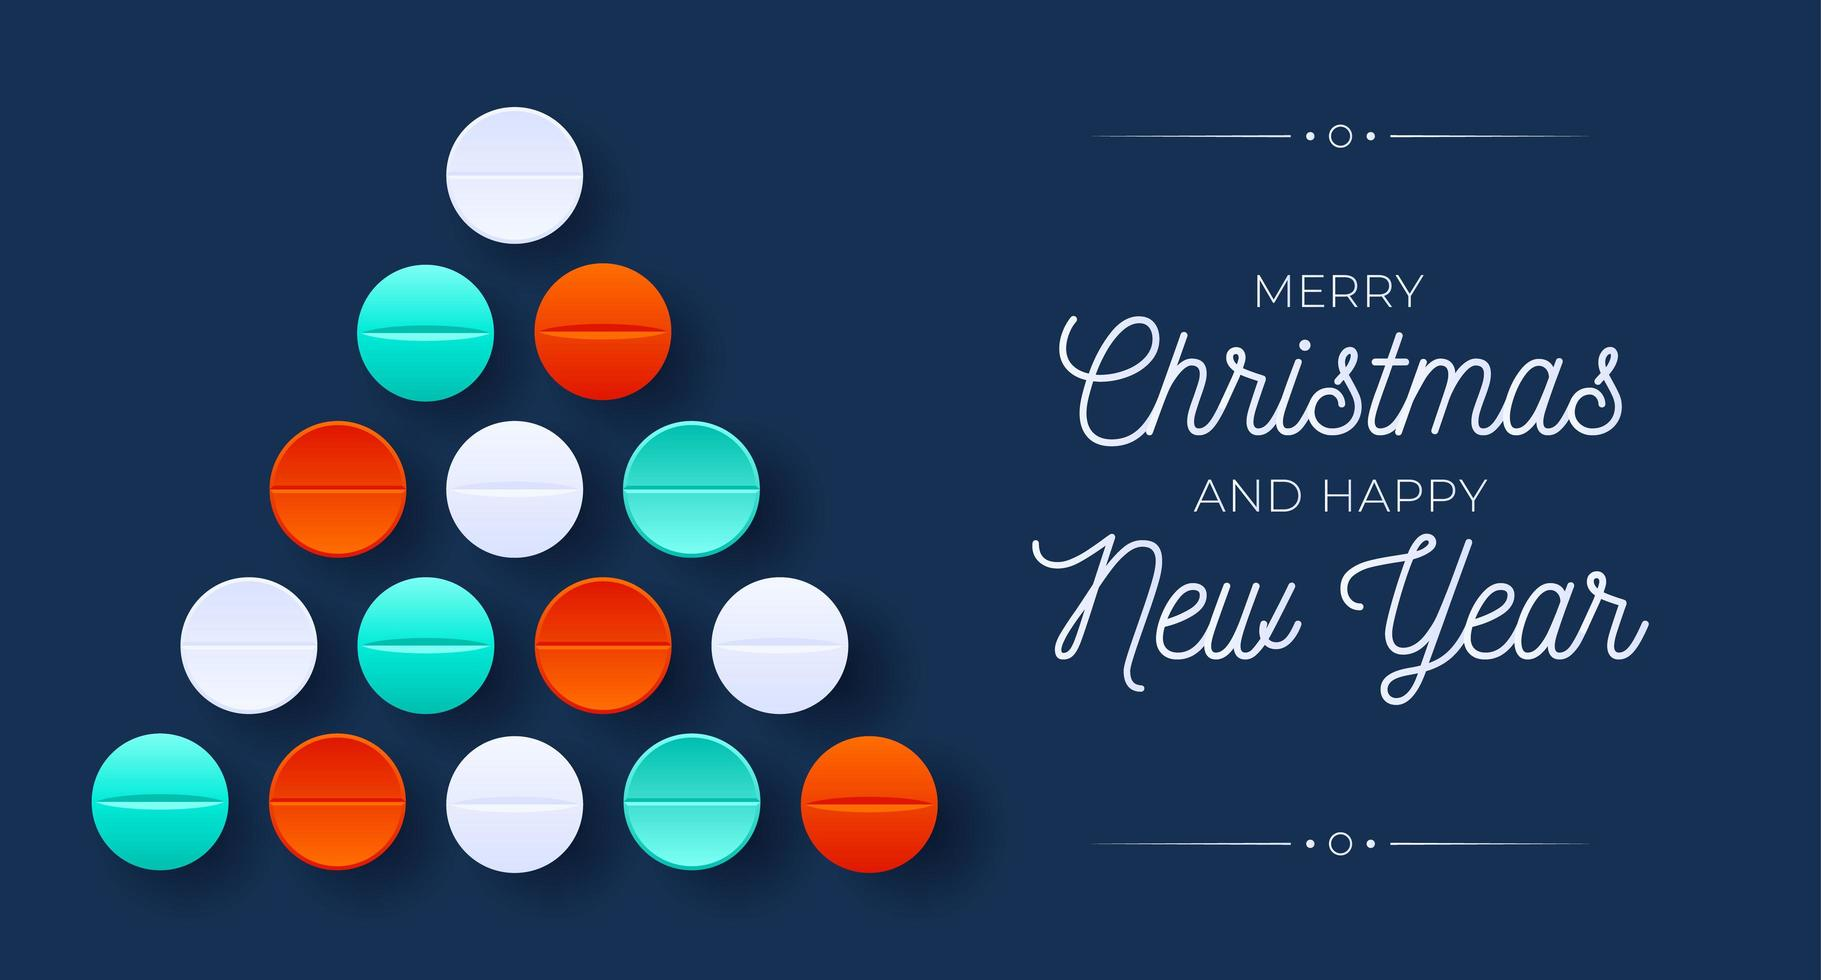 kreative medizinische Weihnachtsbaumform mit Pillenverzierungen vektor